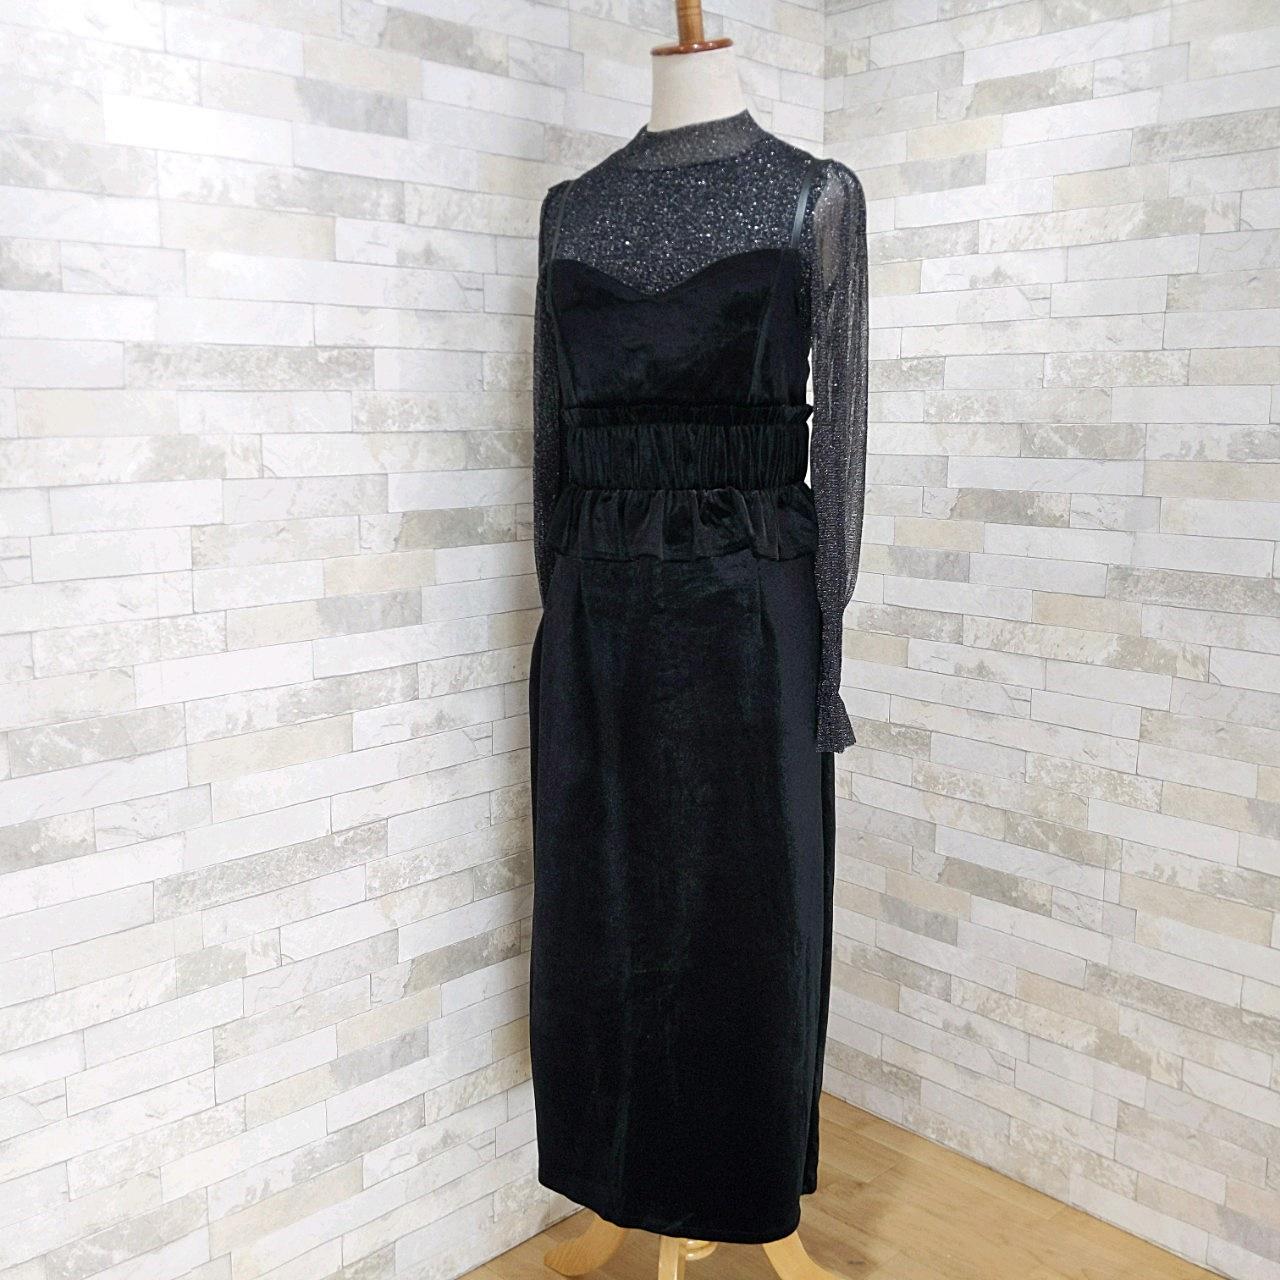 【即納】韓国 ファッション パーティードレス 結婚式 お呼ばれドレス セットアップ 秋 冬 春 パーティー ブライダル SPTXG154  シースルー ペプラム タイト キャ 二次会 セレブ きれいめの写真12枚目